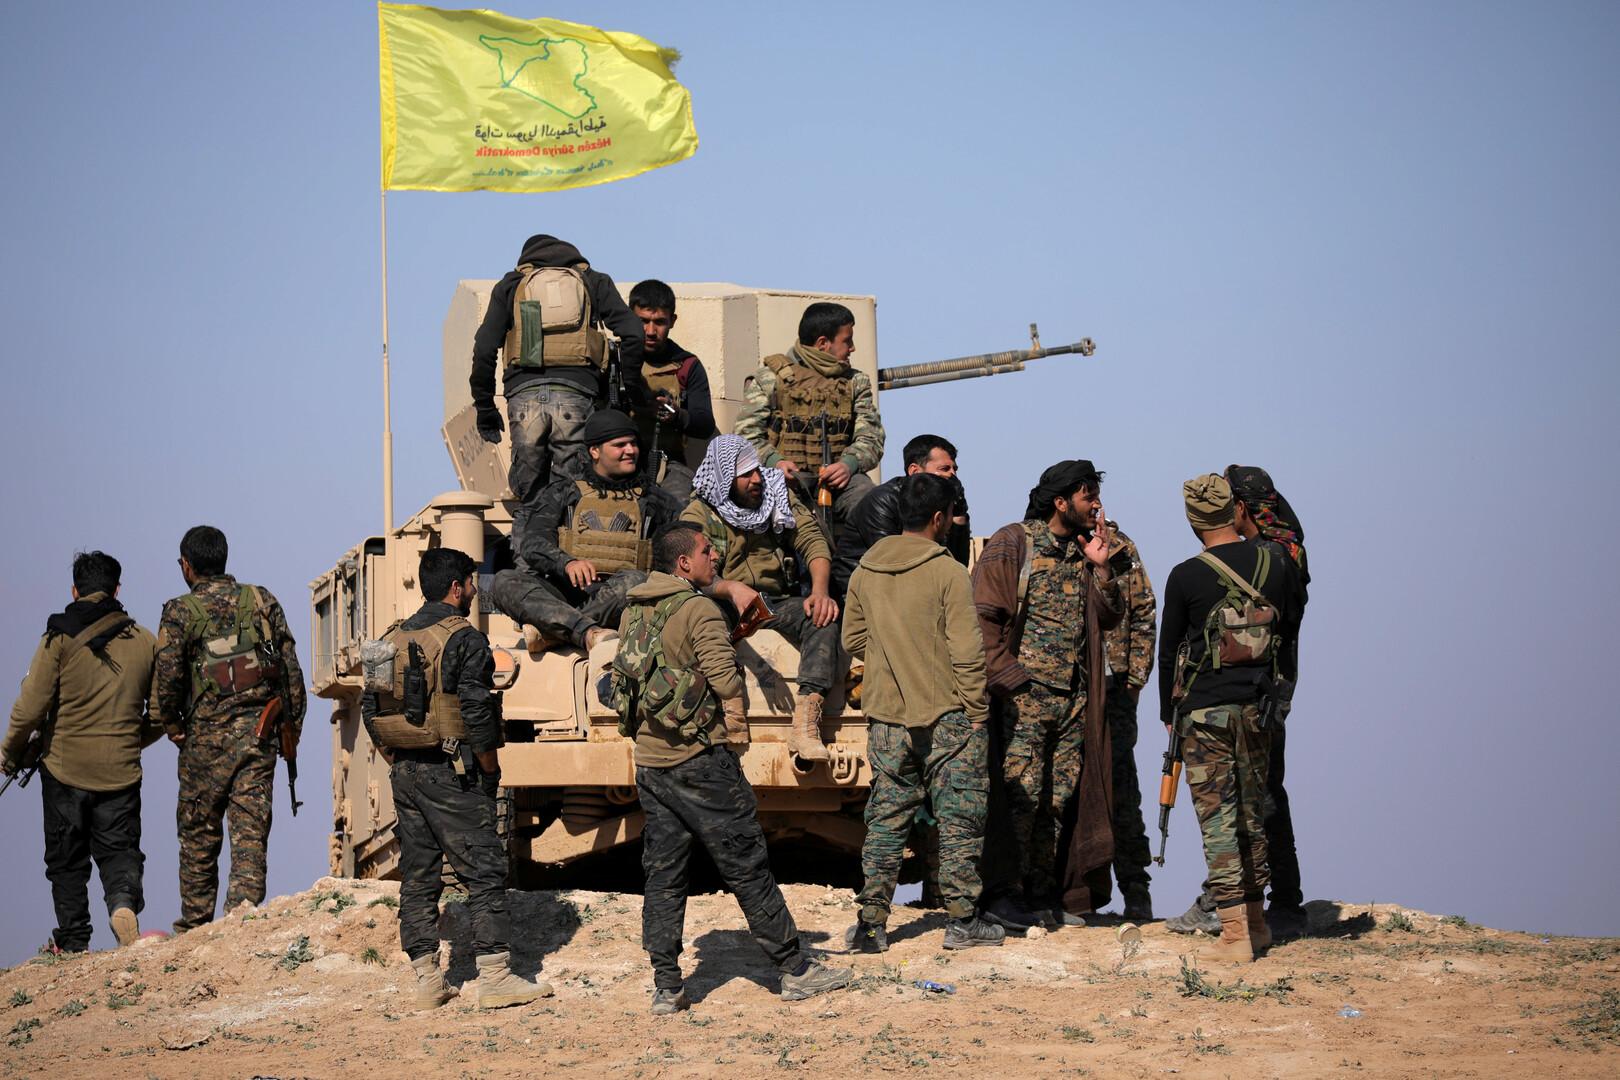 الإدارة الذاتية الكردية: ندعو روسيا إلى لعب دور ضامن في الحوار مع السلطات السورية